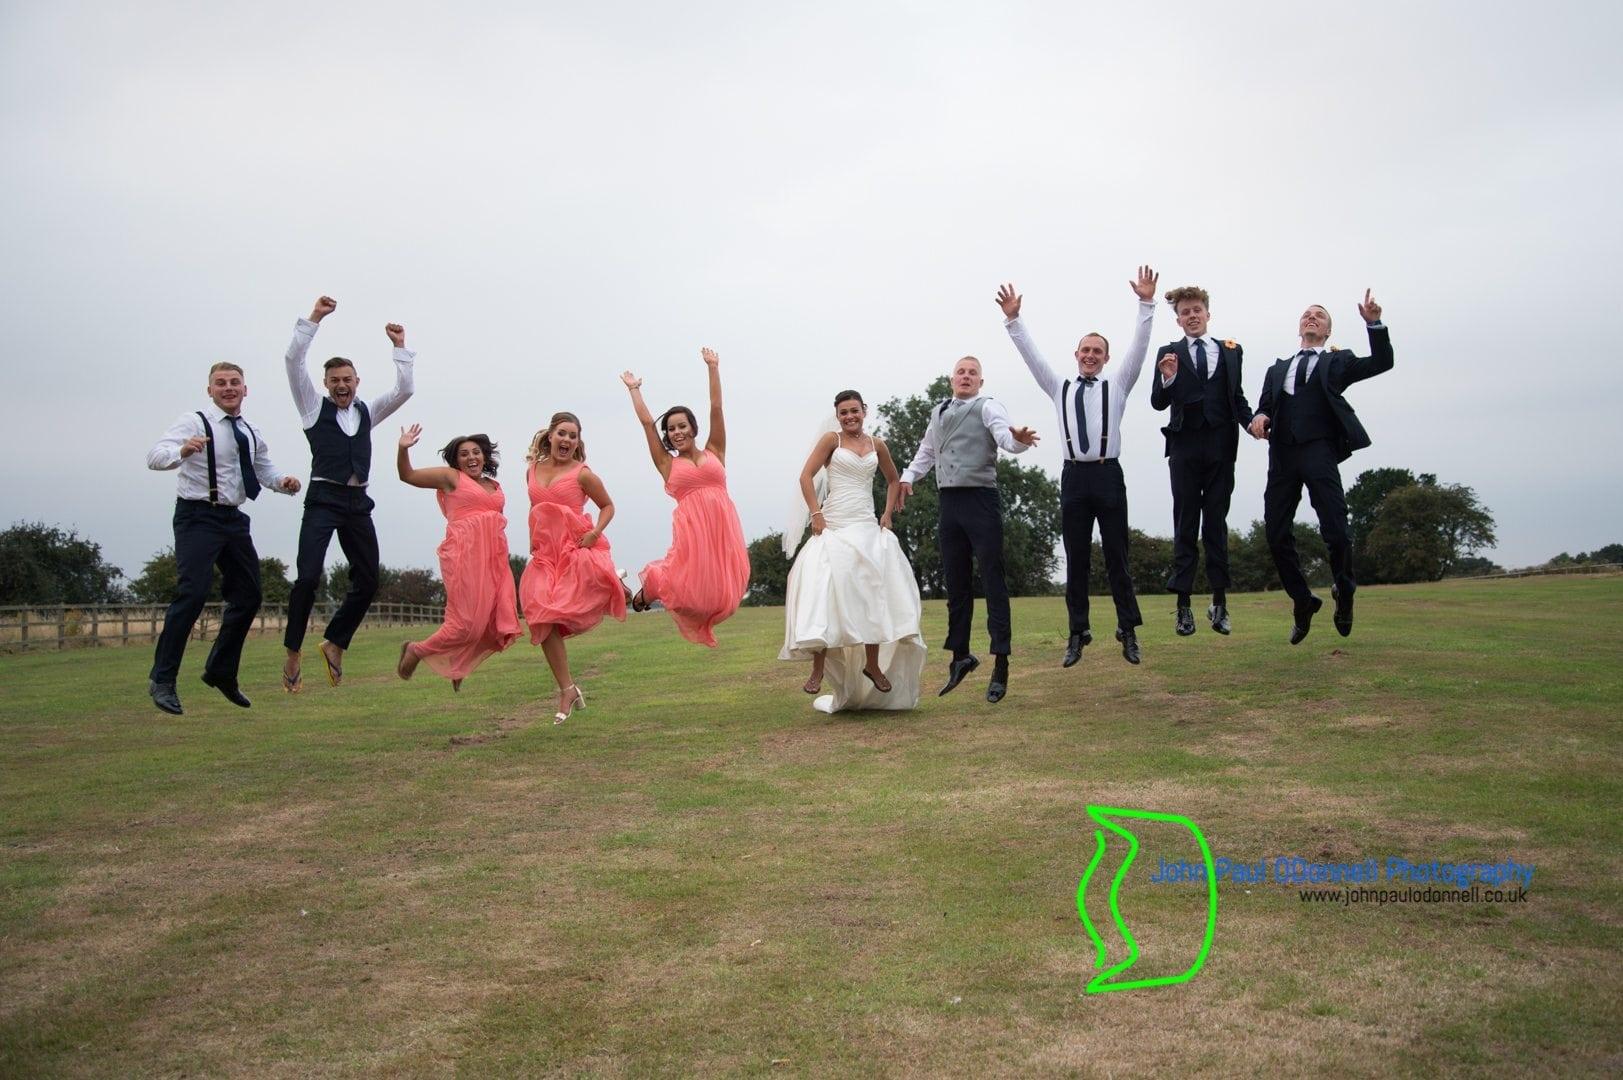 Jordan and Ashleys Wedding at Coltsfoot Country Retreat-21